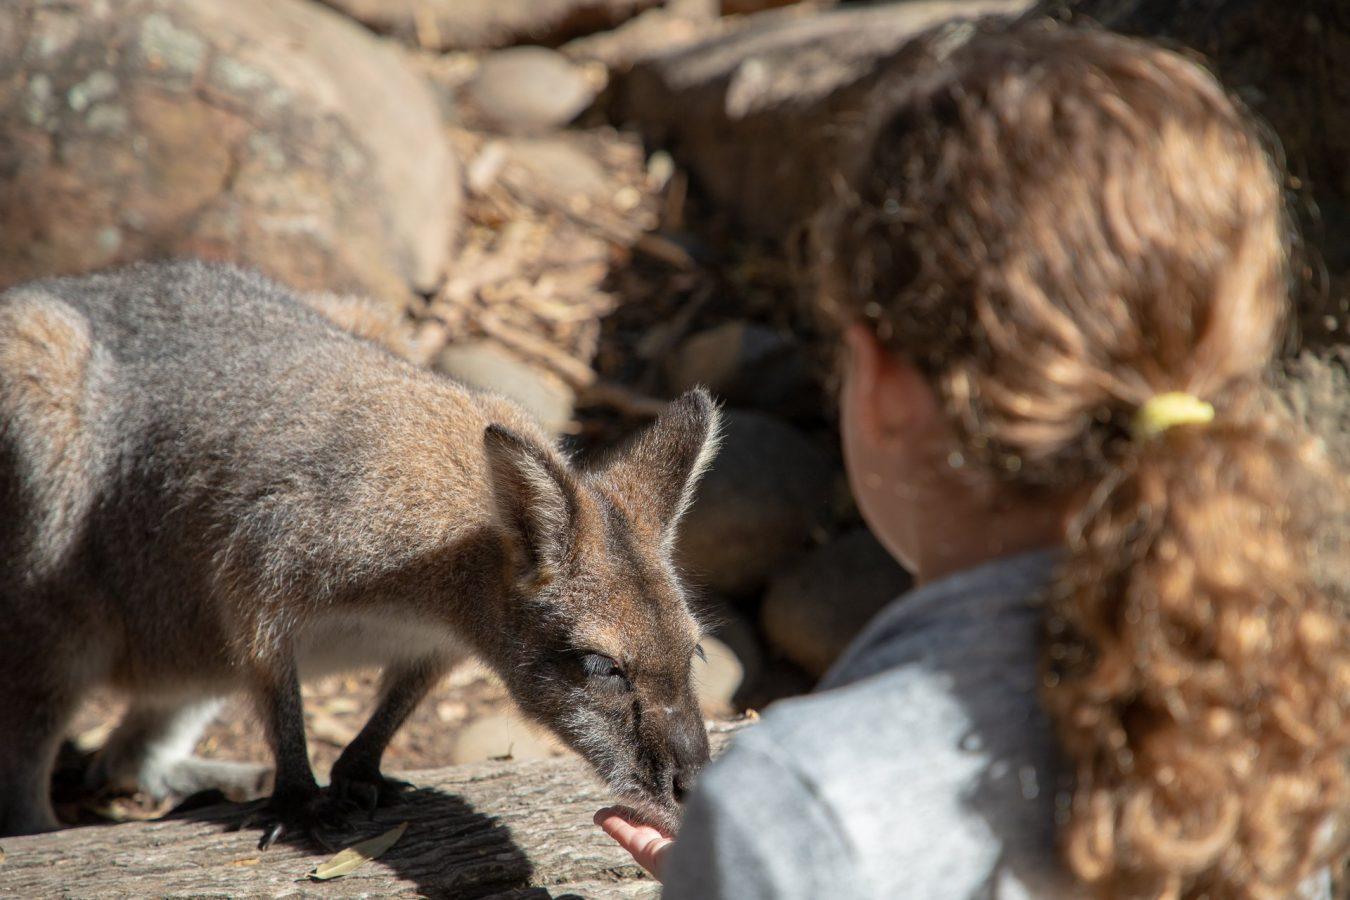 Feeding the Wallaby's